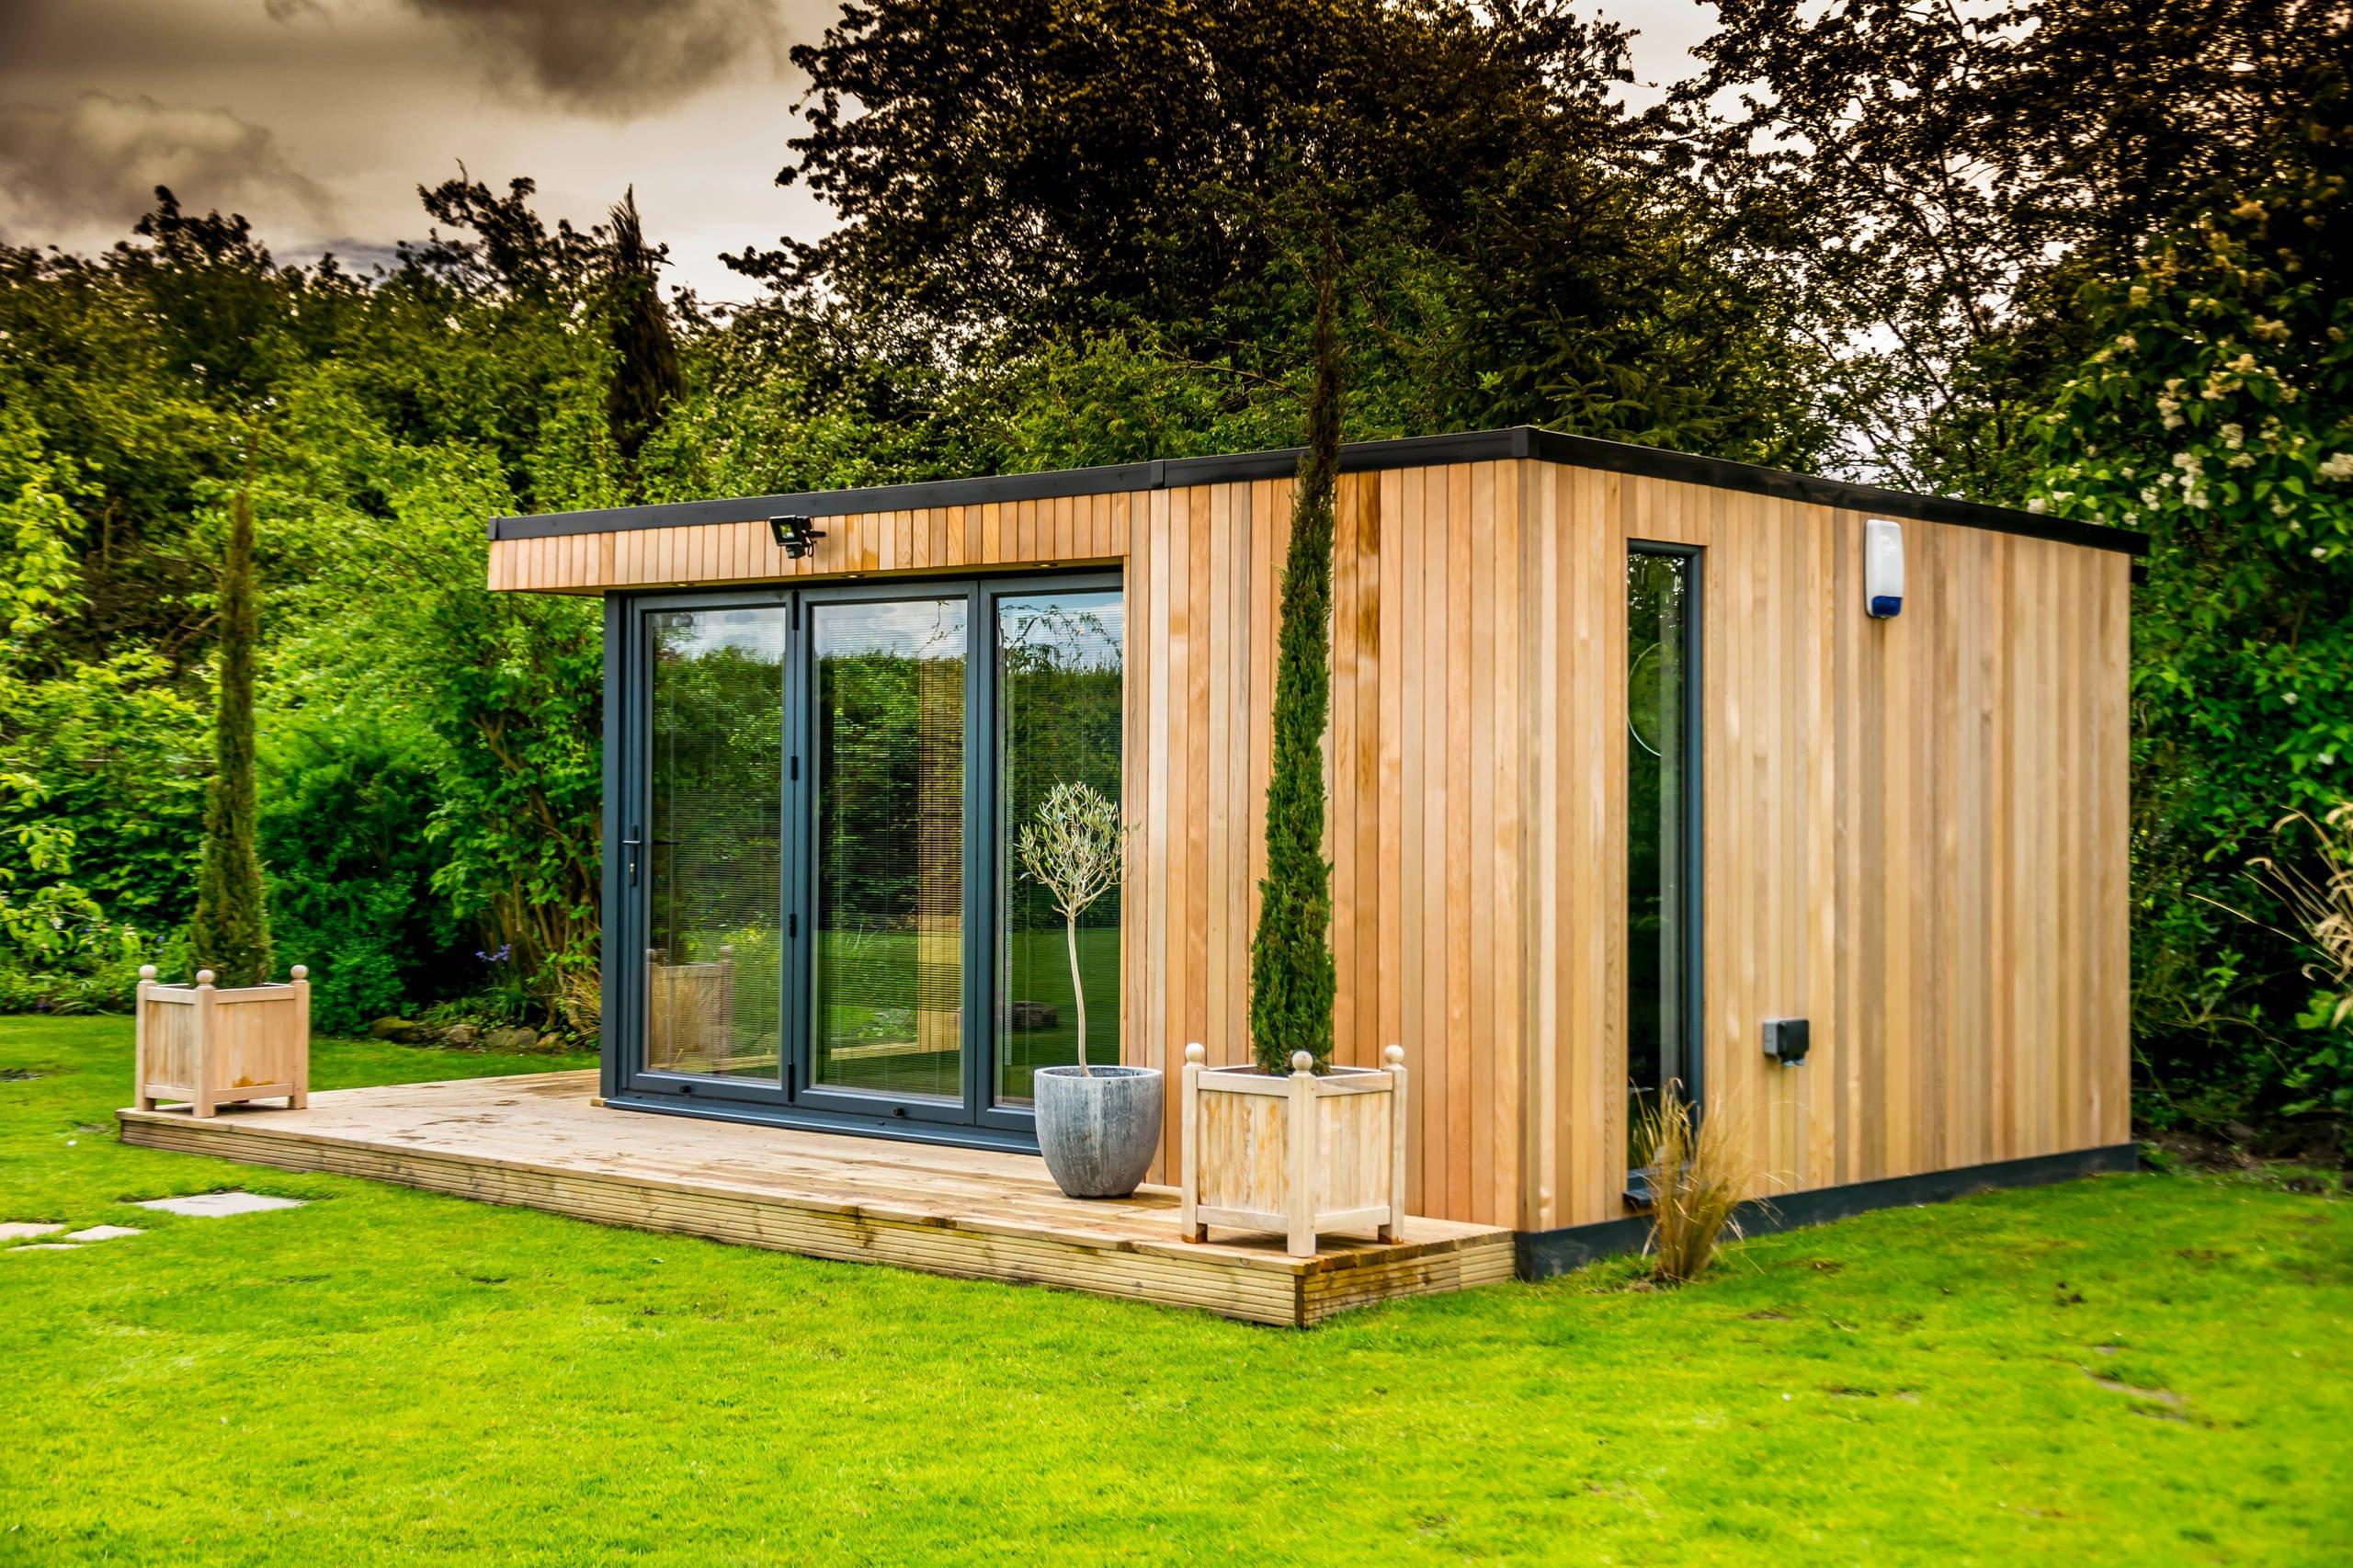 Gartenhaus in eine Wohlfühloase verwandeln - 5 Inspirationen zum Nachmachen